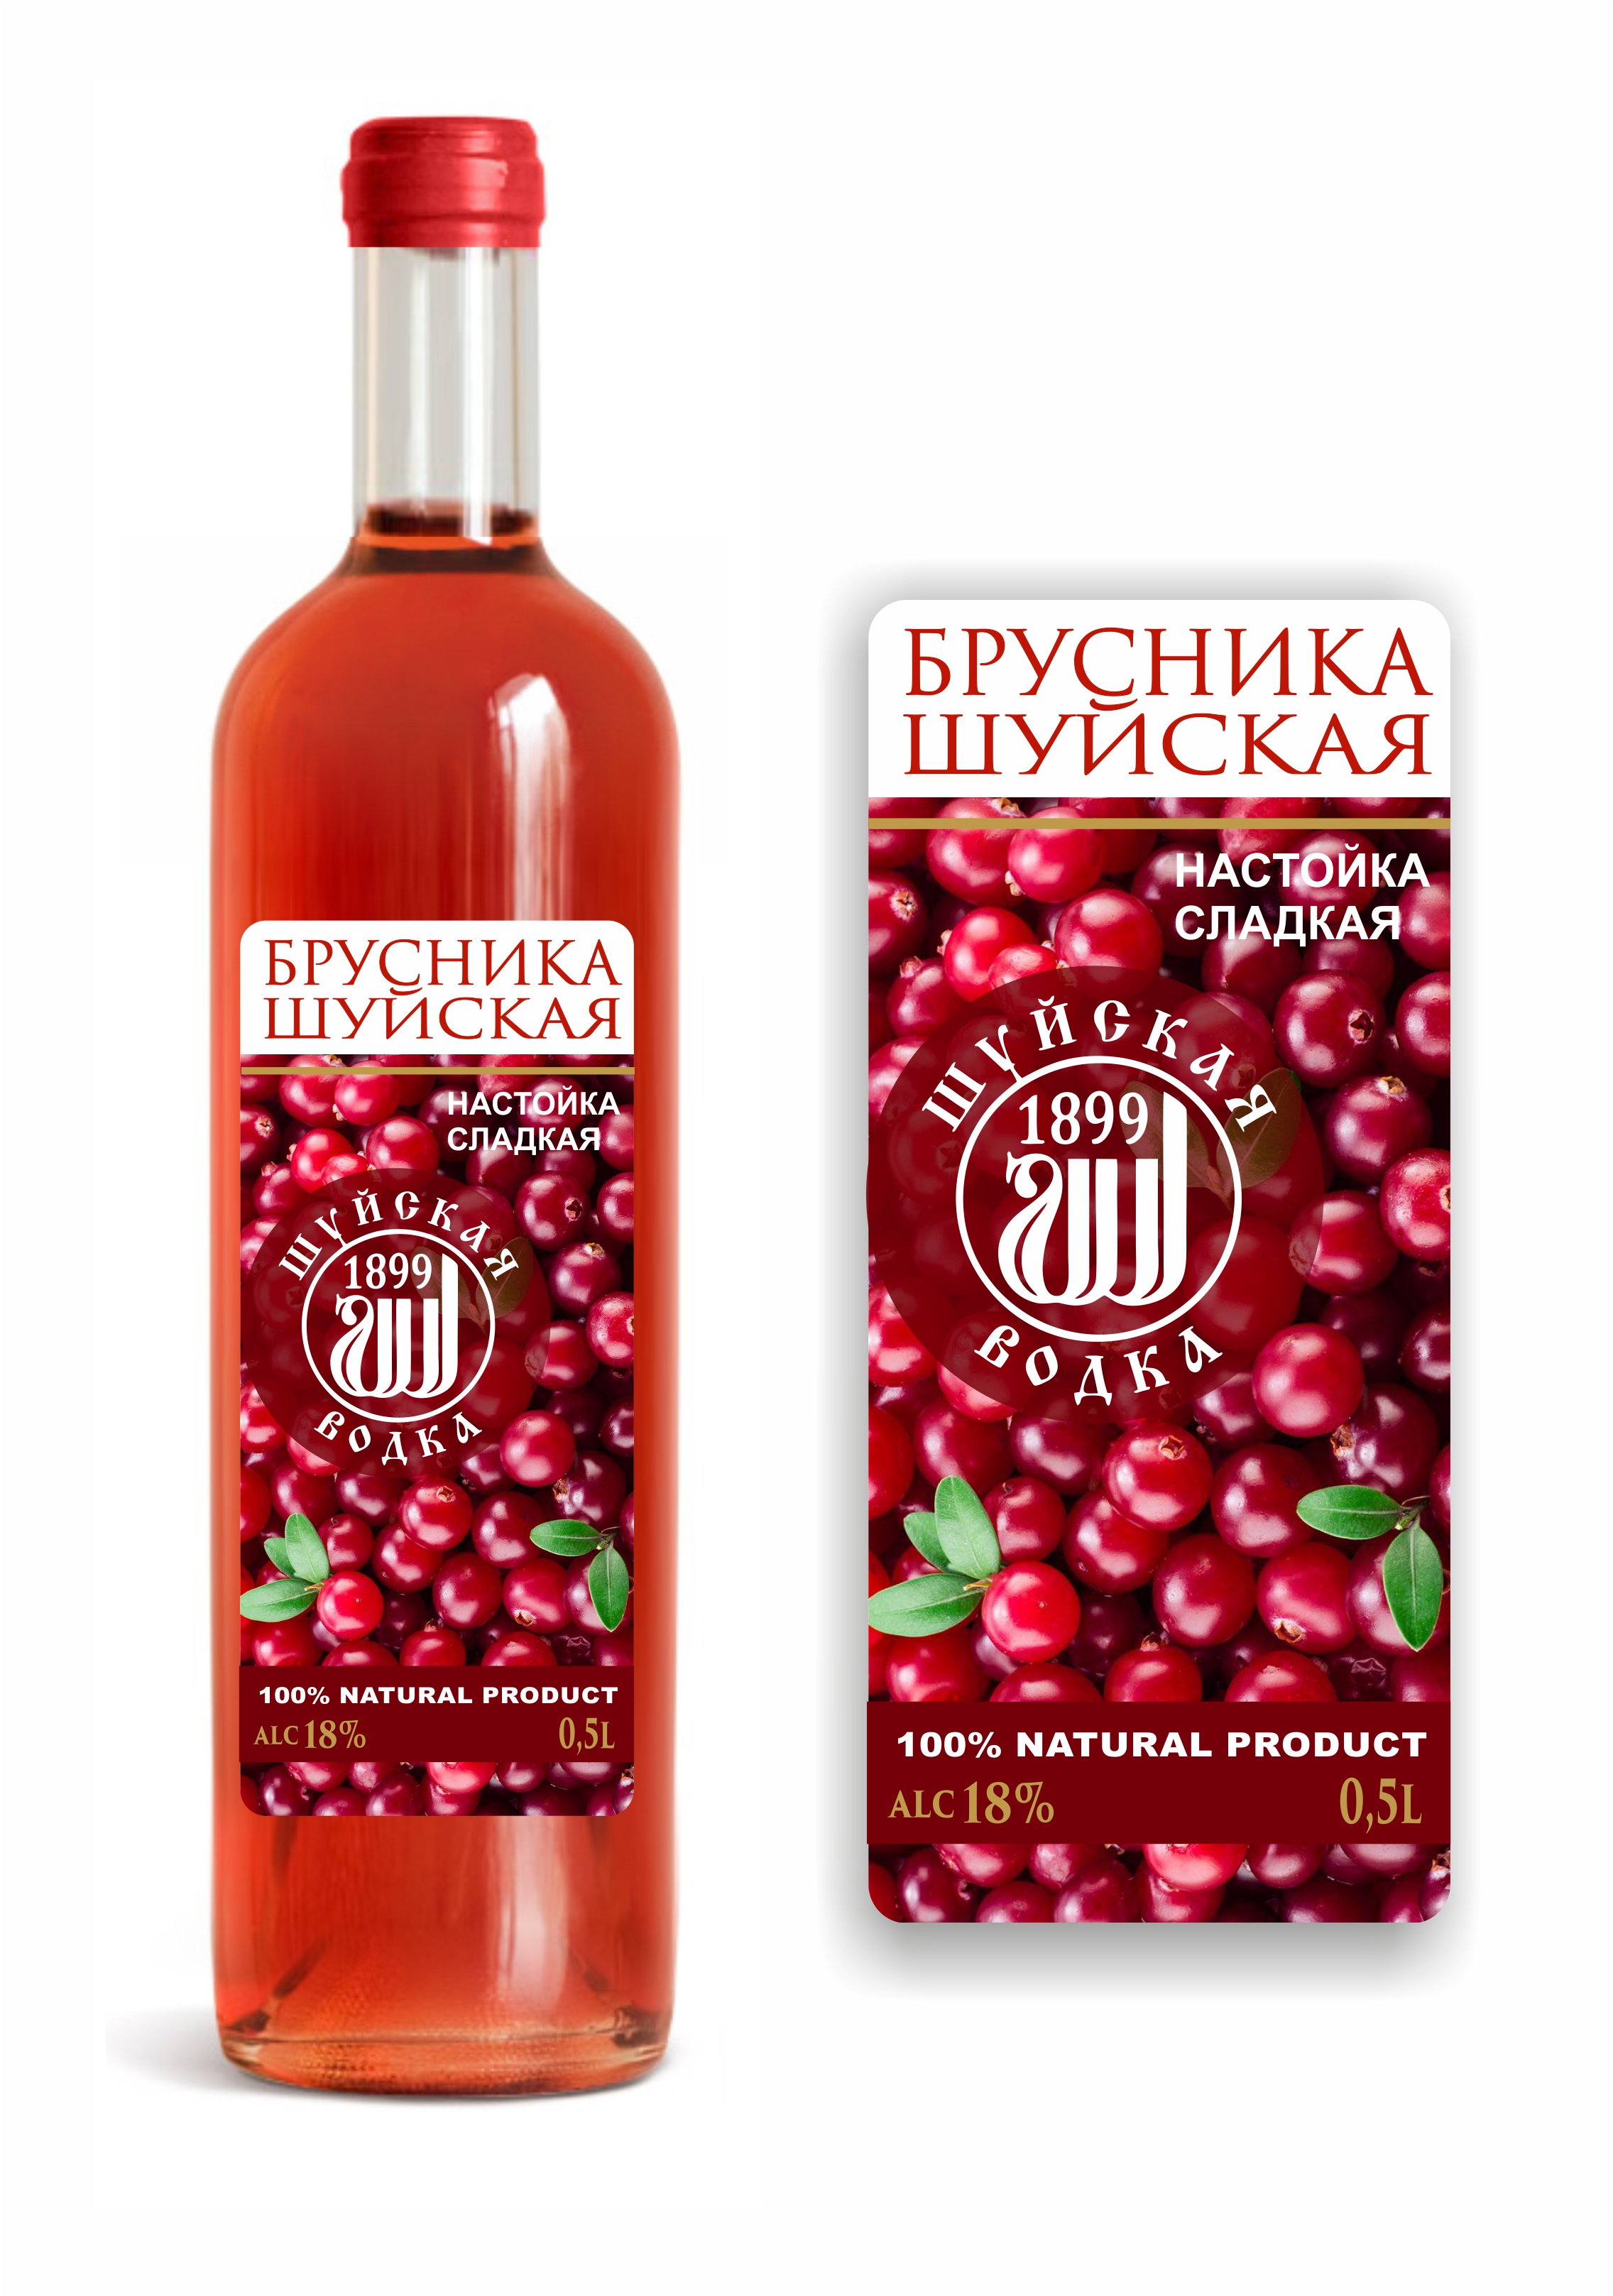 Дизайн этикетки алкогольного продукта (сладкая настойка) фото f_8705f87c0fa1533c.jpg